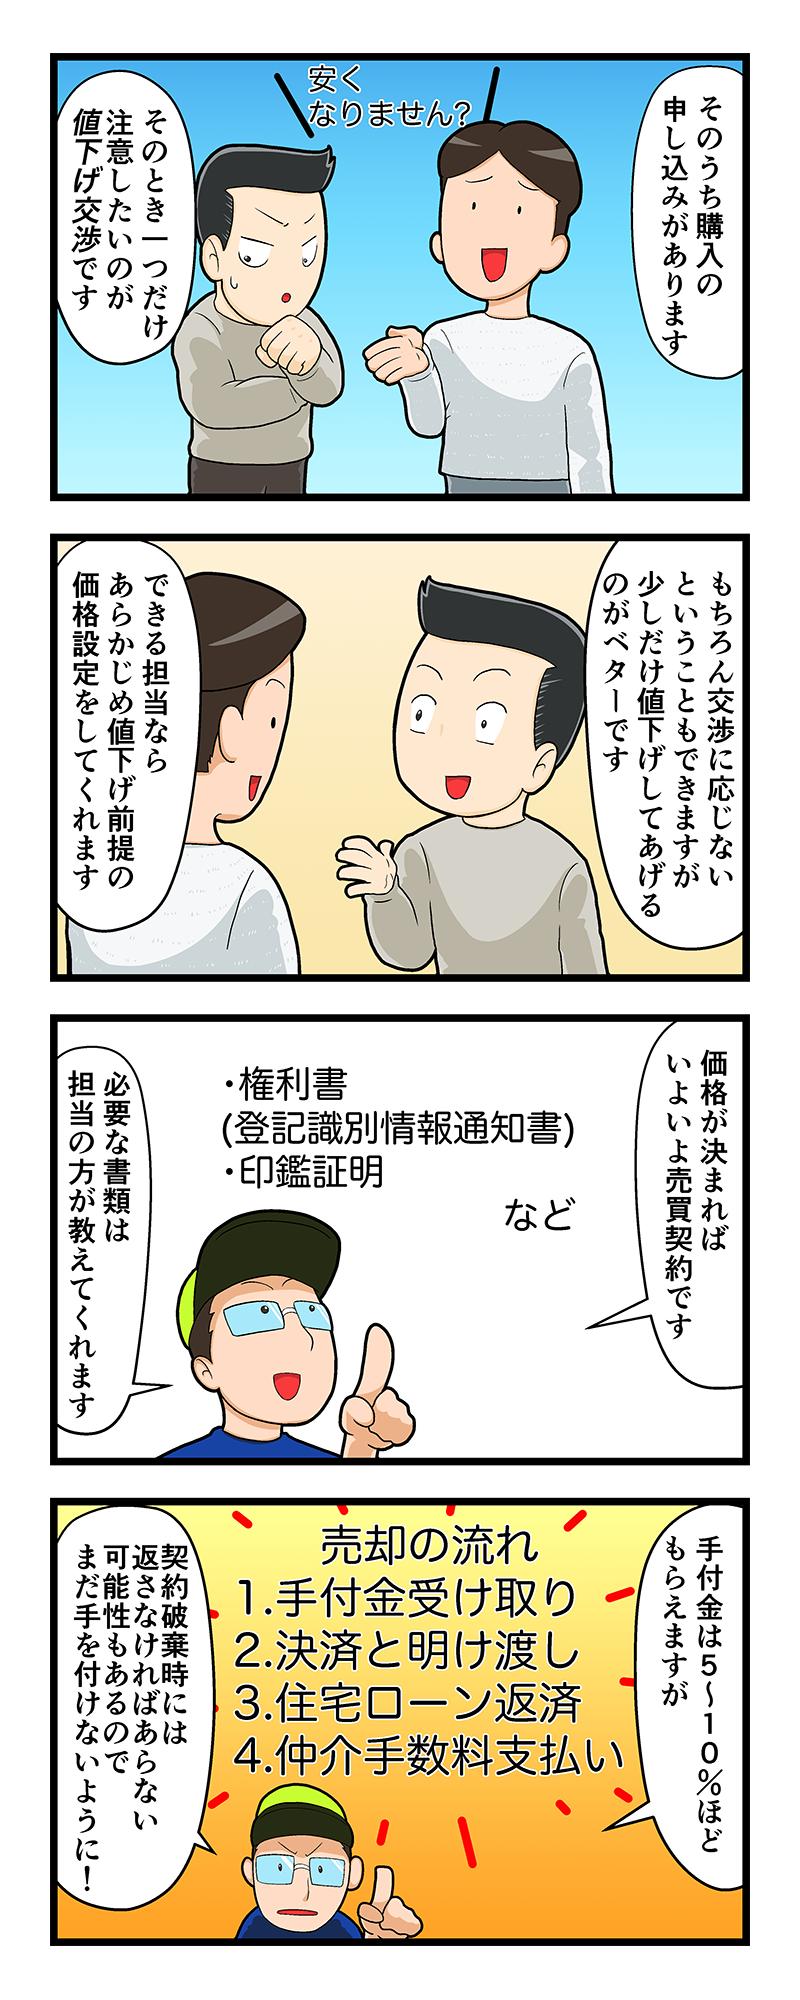 マンション売却講座四コマ漫画第6話